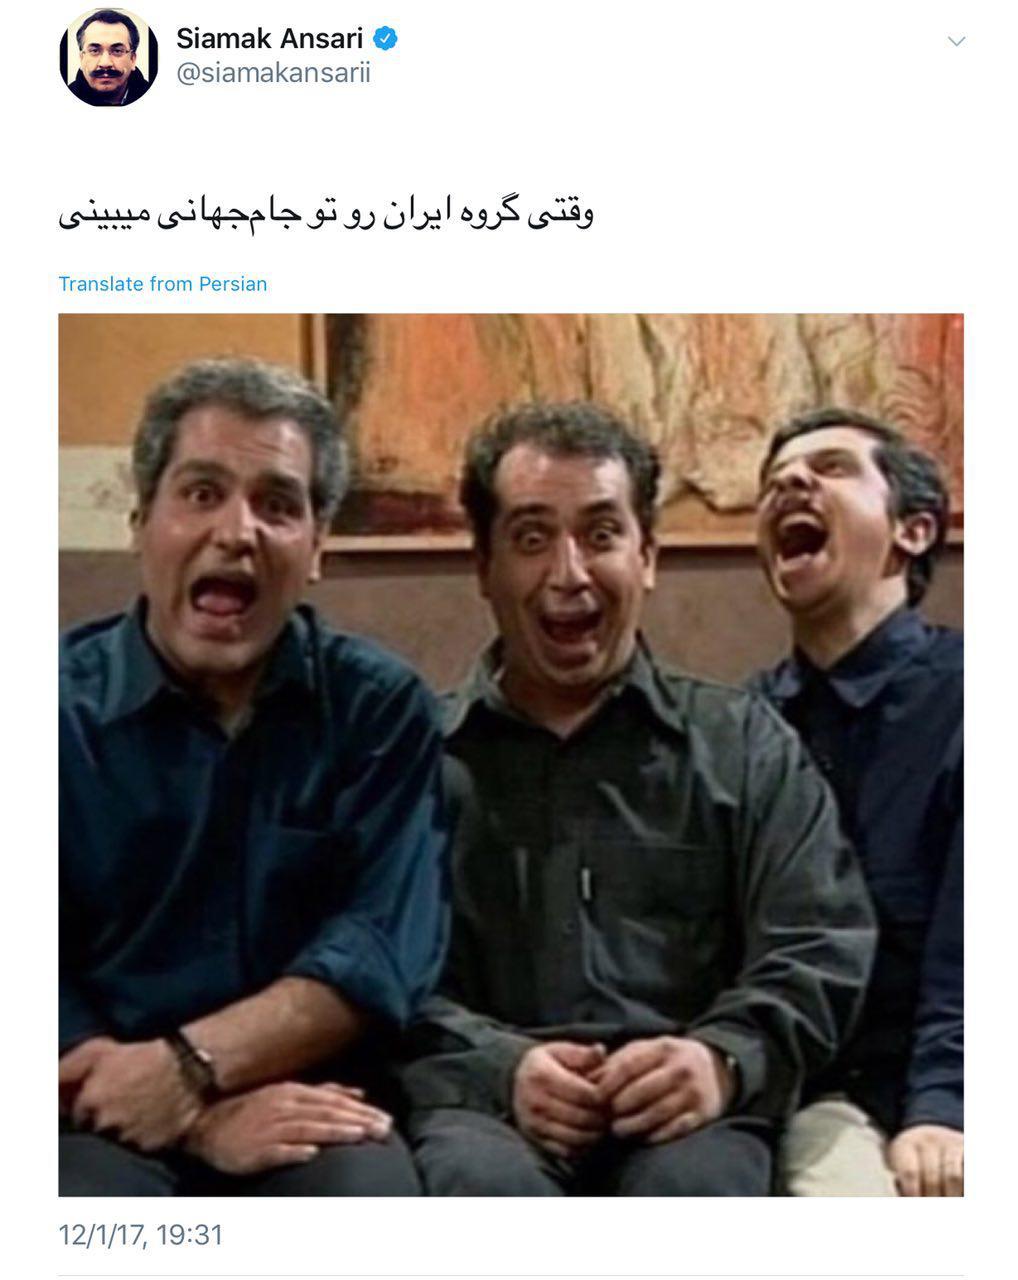 واکنش جالب سیامک انصاری به گروه ایران